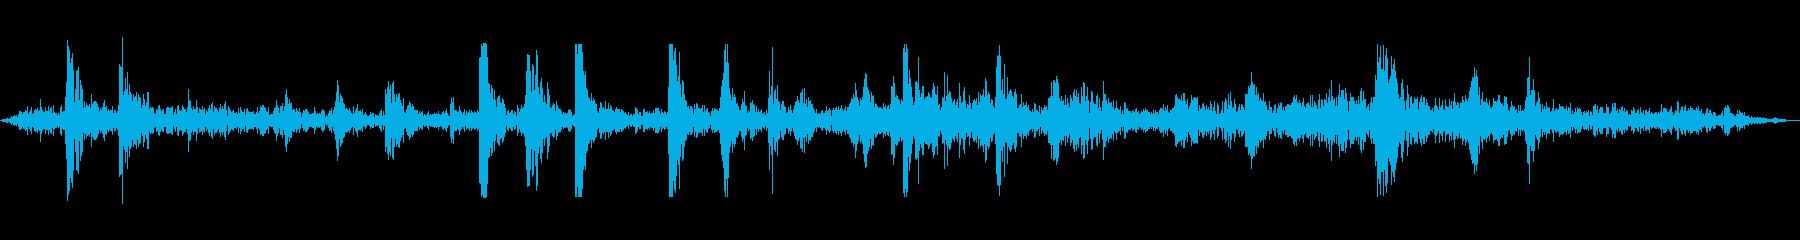 地下鉄地下鉄の乗り換えトラック(内装)の再生済みの波形